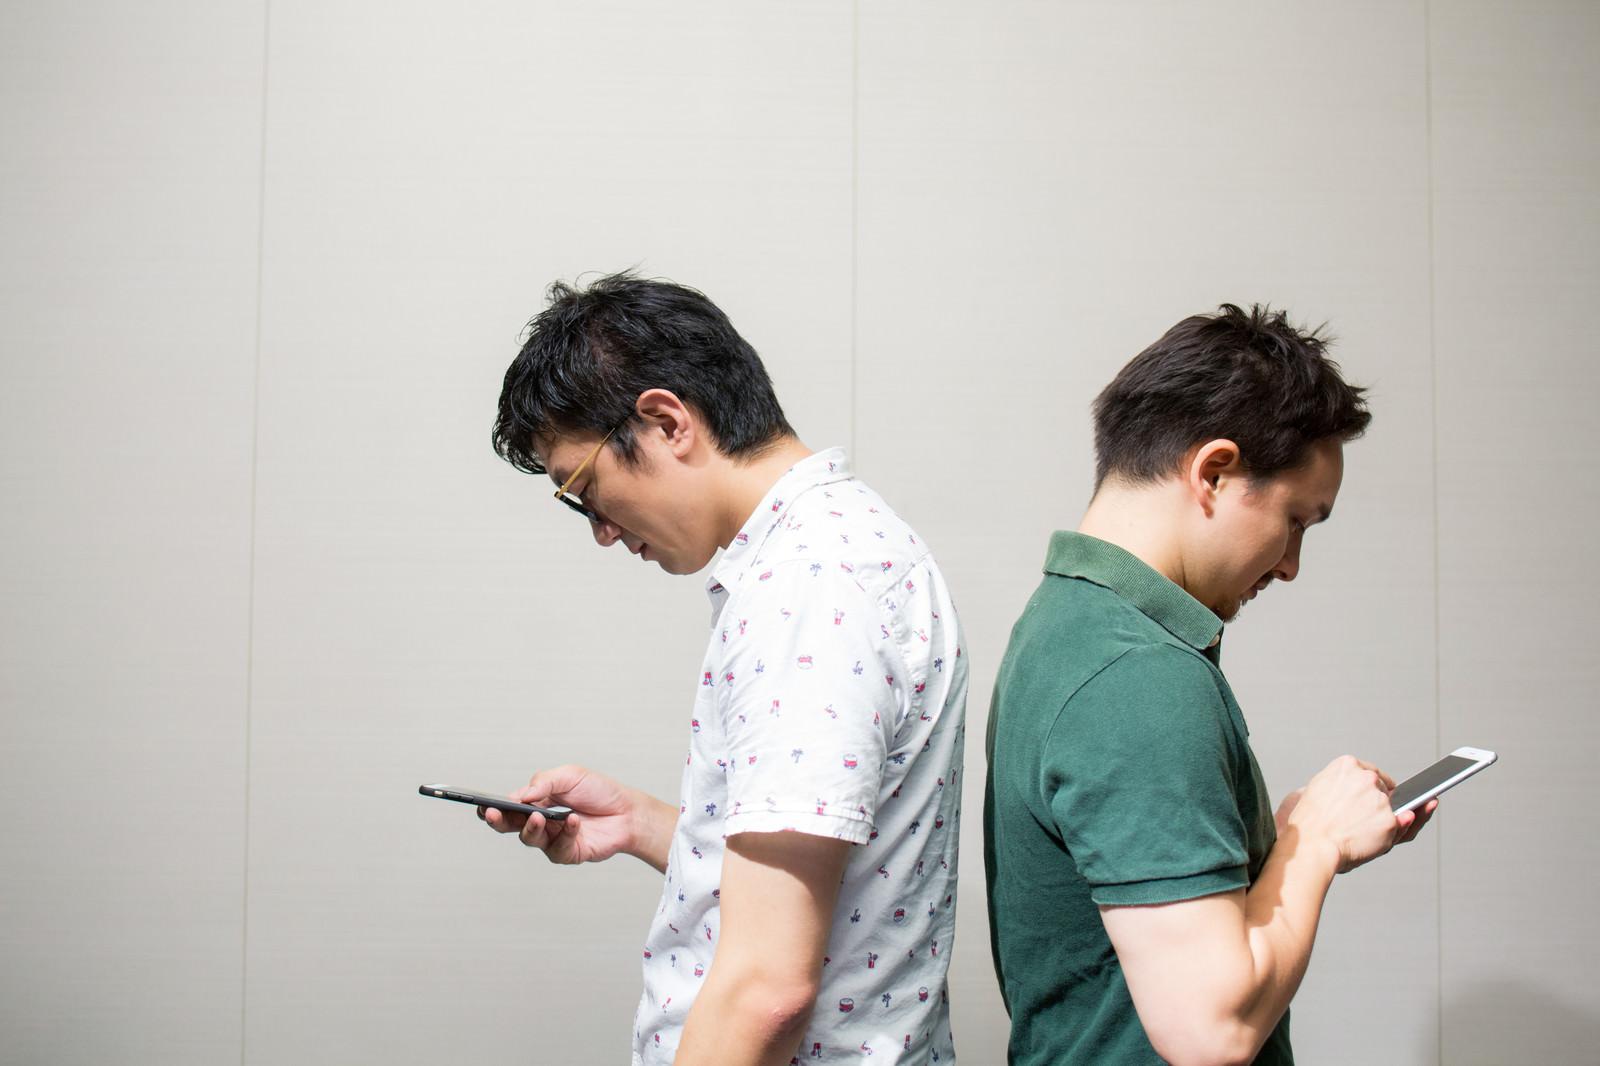 「近くにいるけど会話は全部アプリから近くにいるけど会話は全部アプリから」[モデル:Max_Ezaki ozpa]のフリー写真素材を拡大